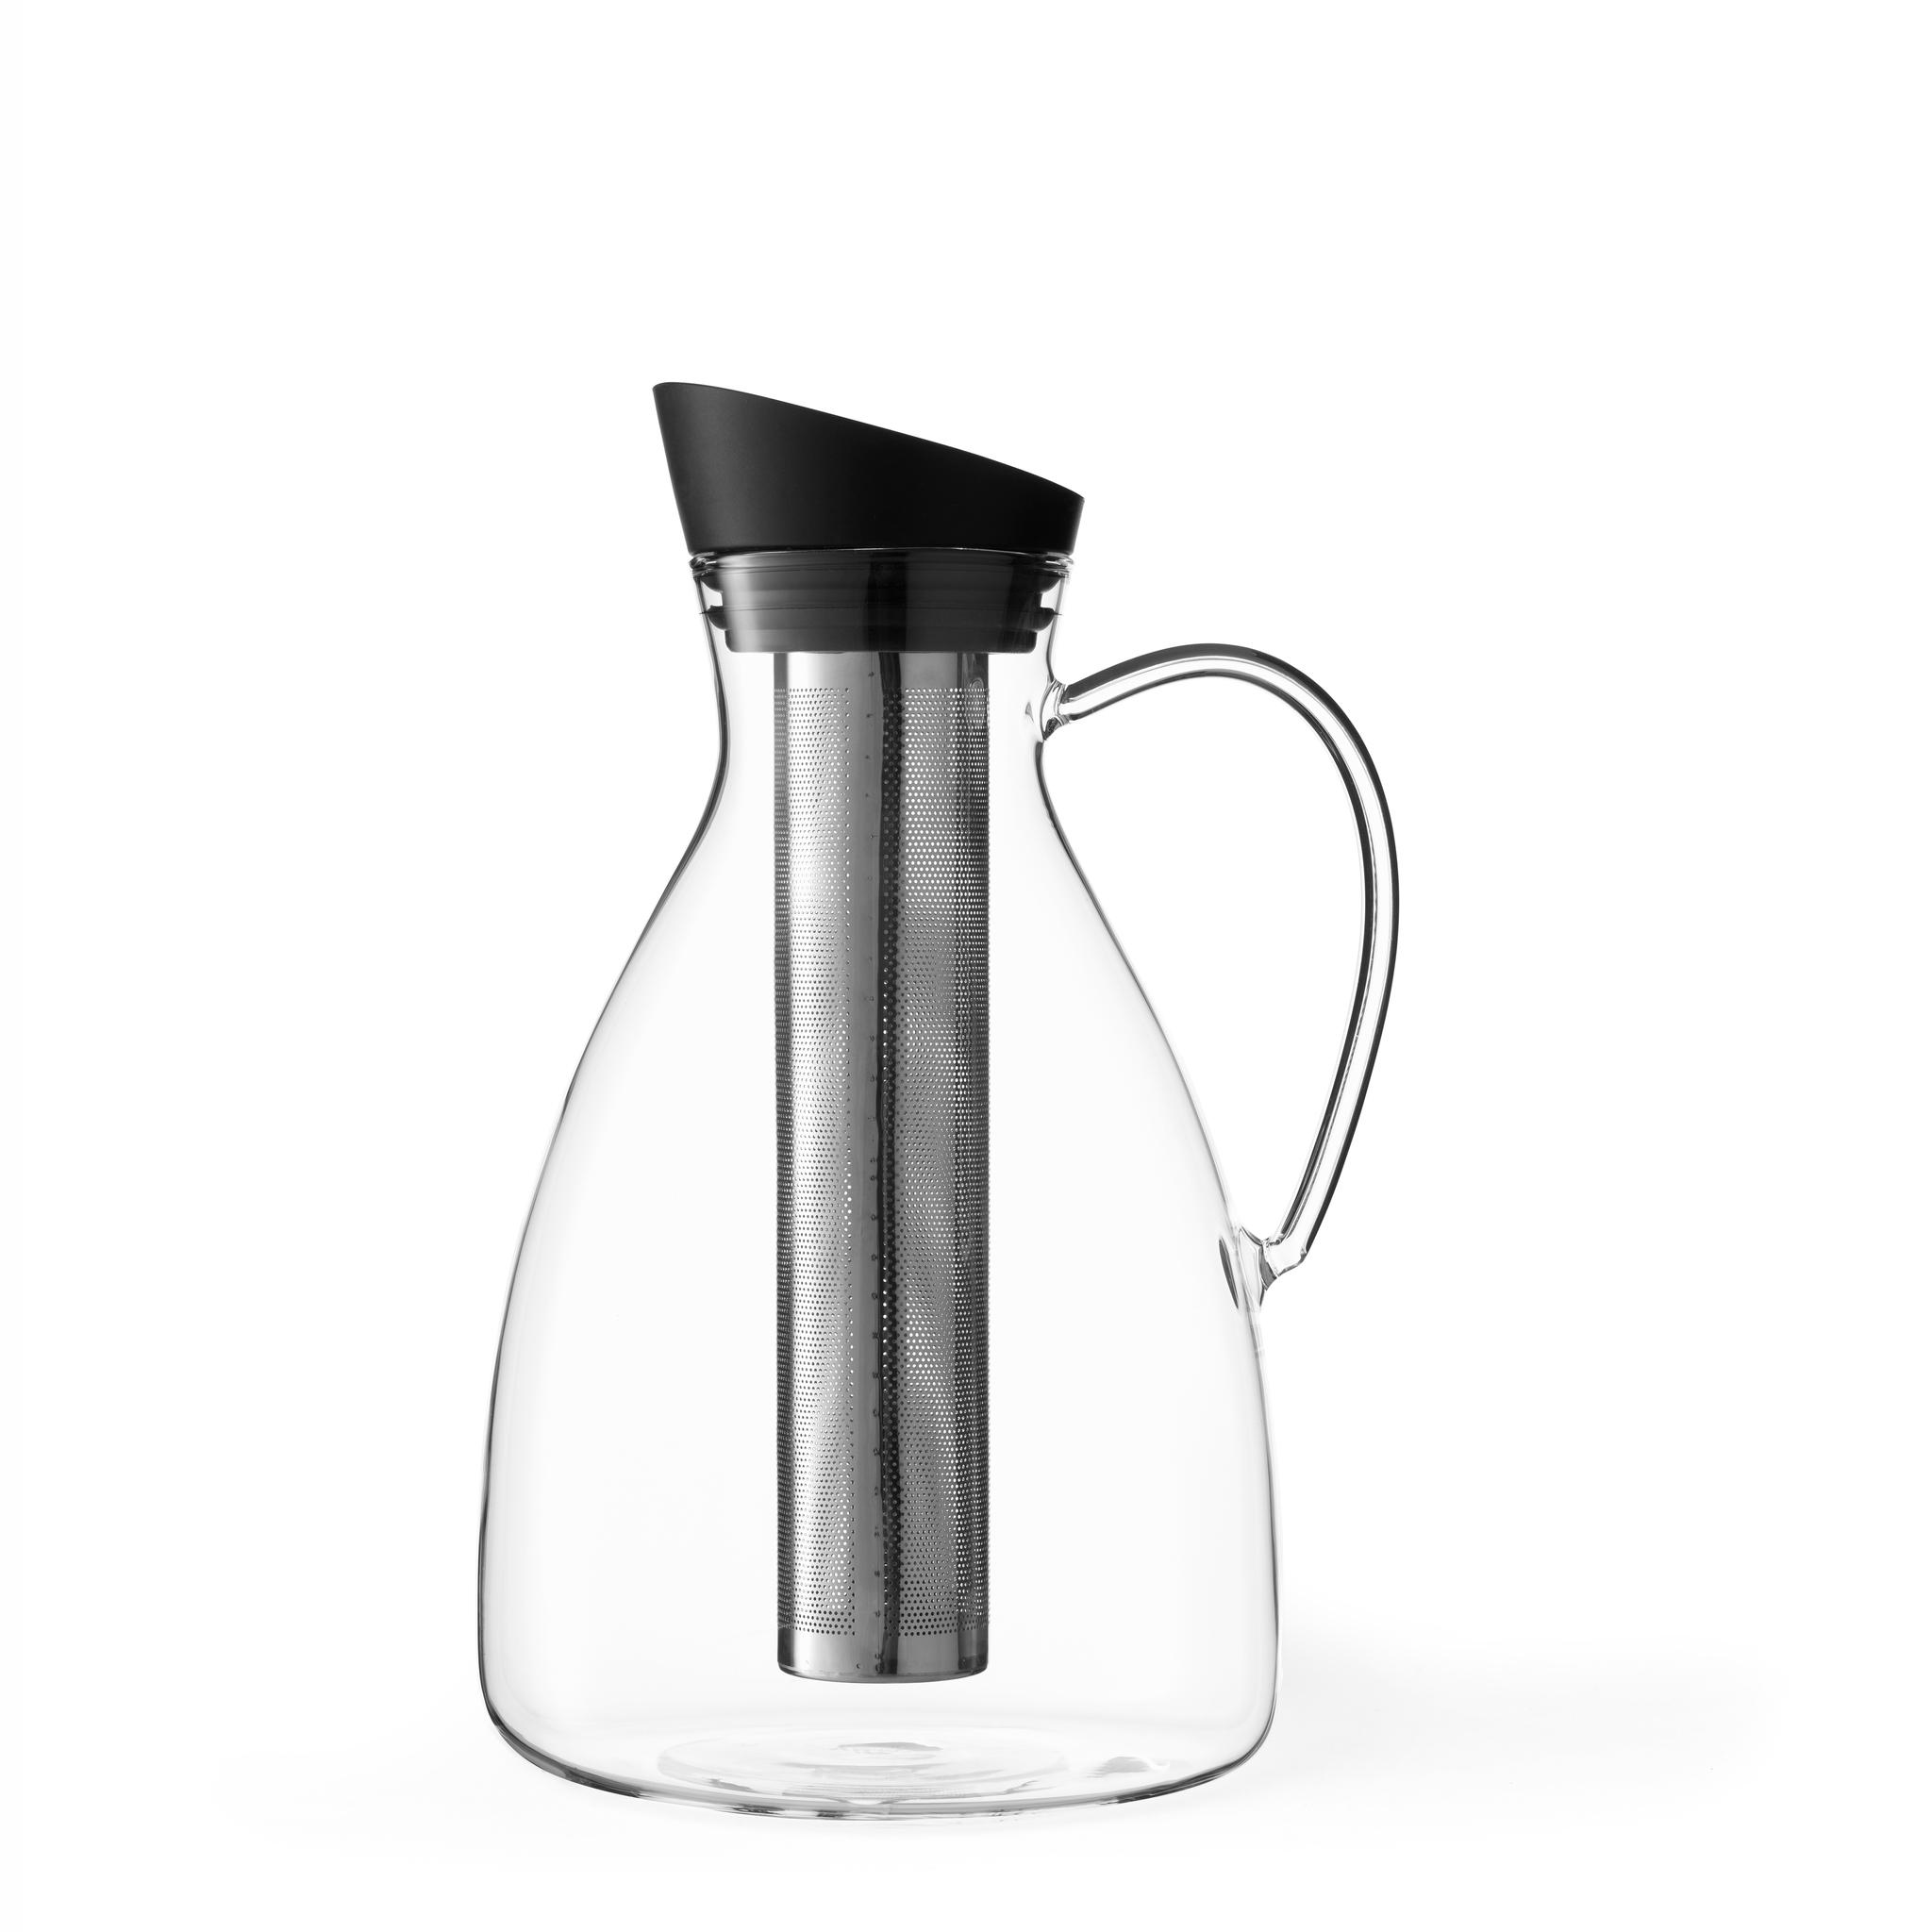 Графин с ситечком для холодного чая Infusion™ 2 л